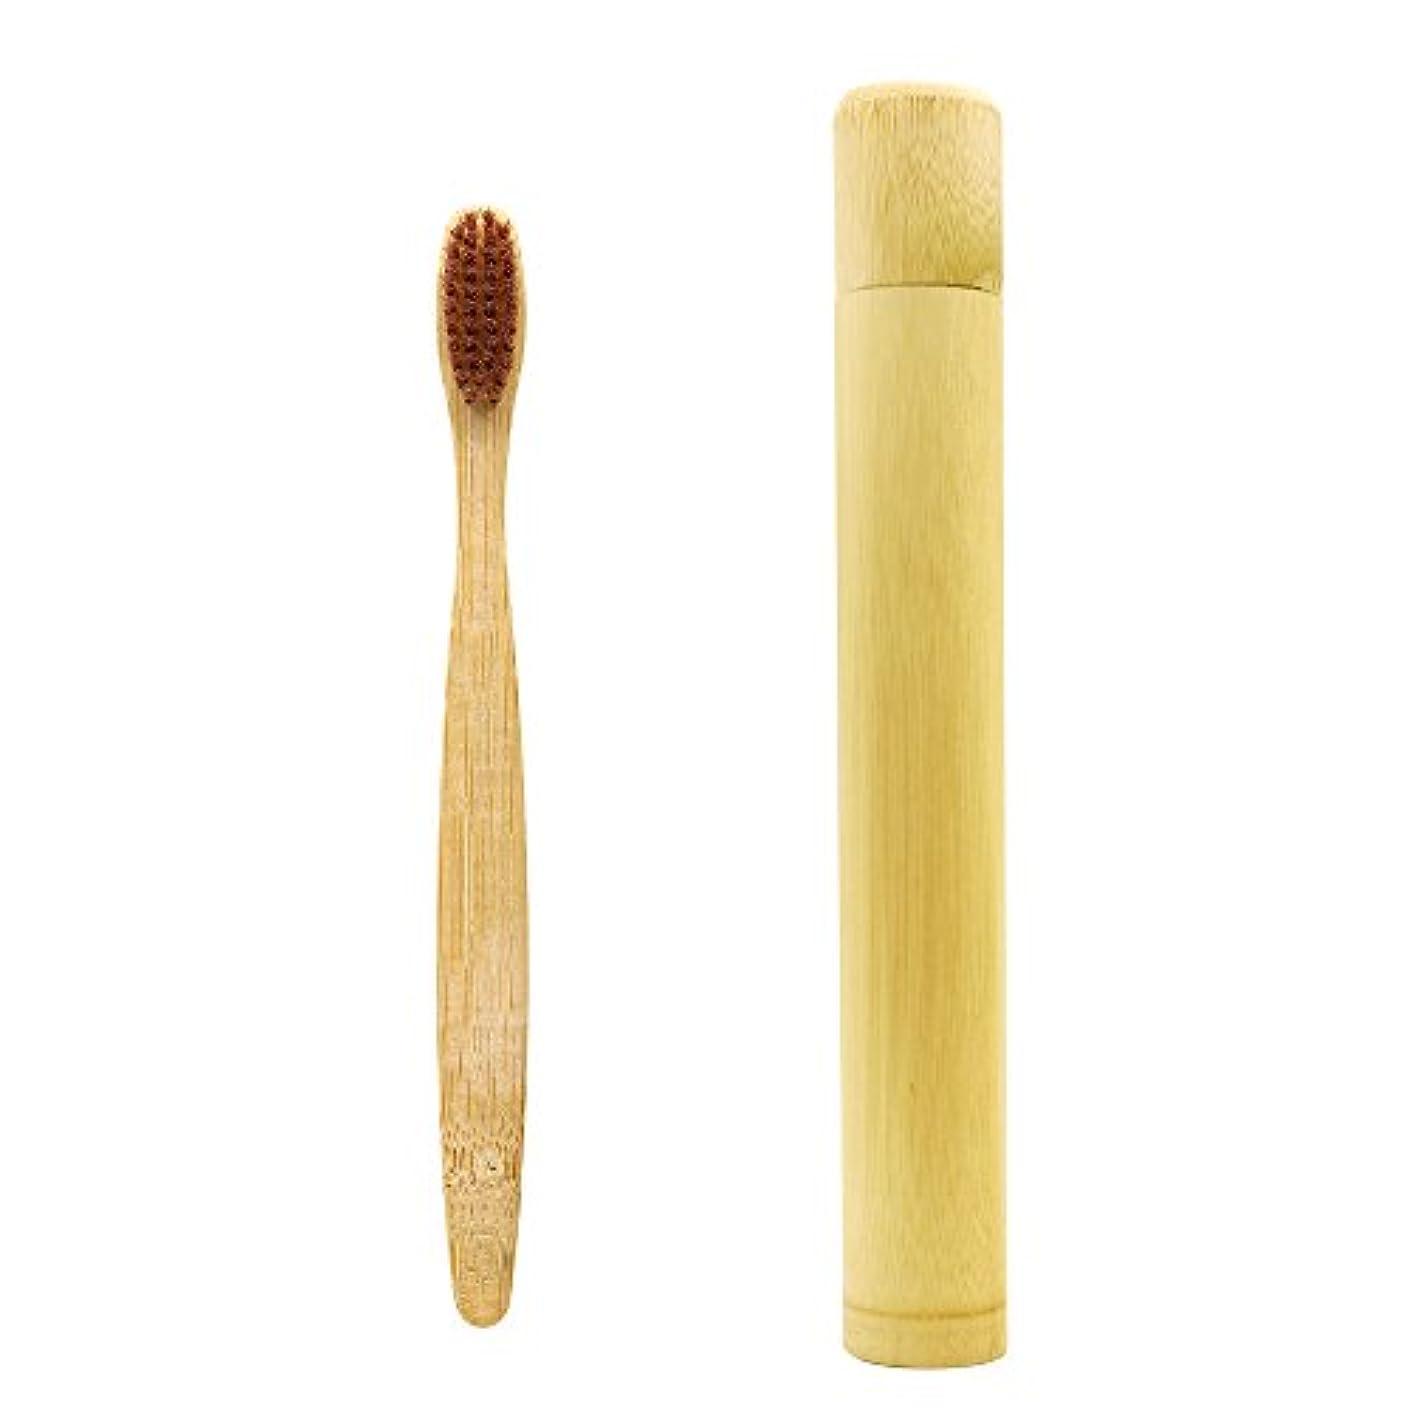 電極国民投票贅沢N-amboo 歯ブラシ ケース付き 竹製 耐久性 出張旅行 携帯便利 エコ